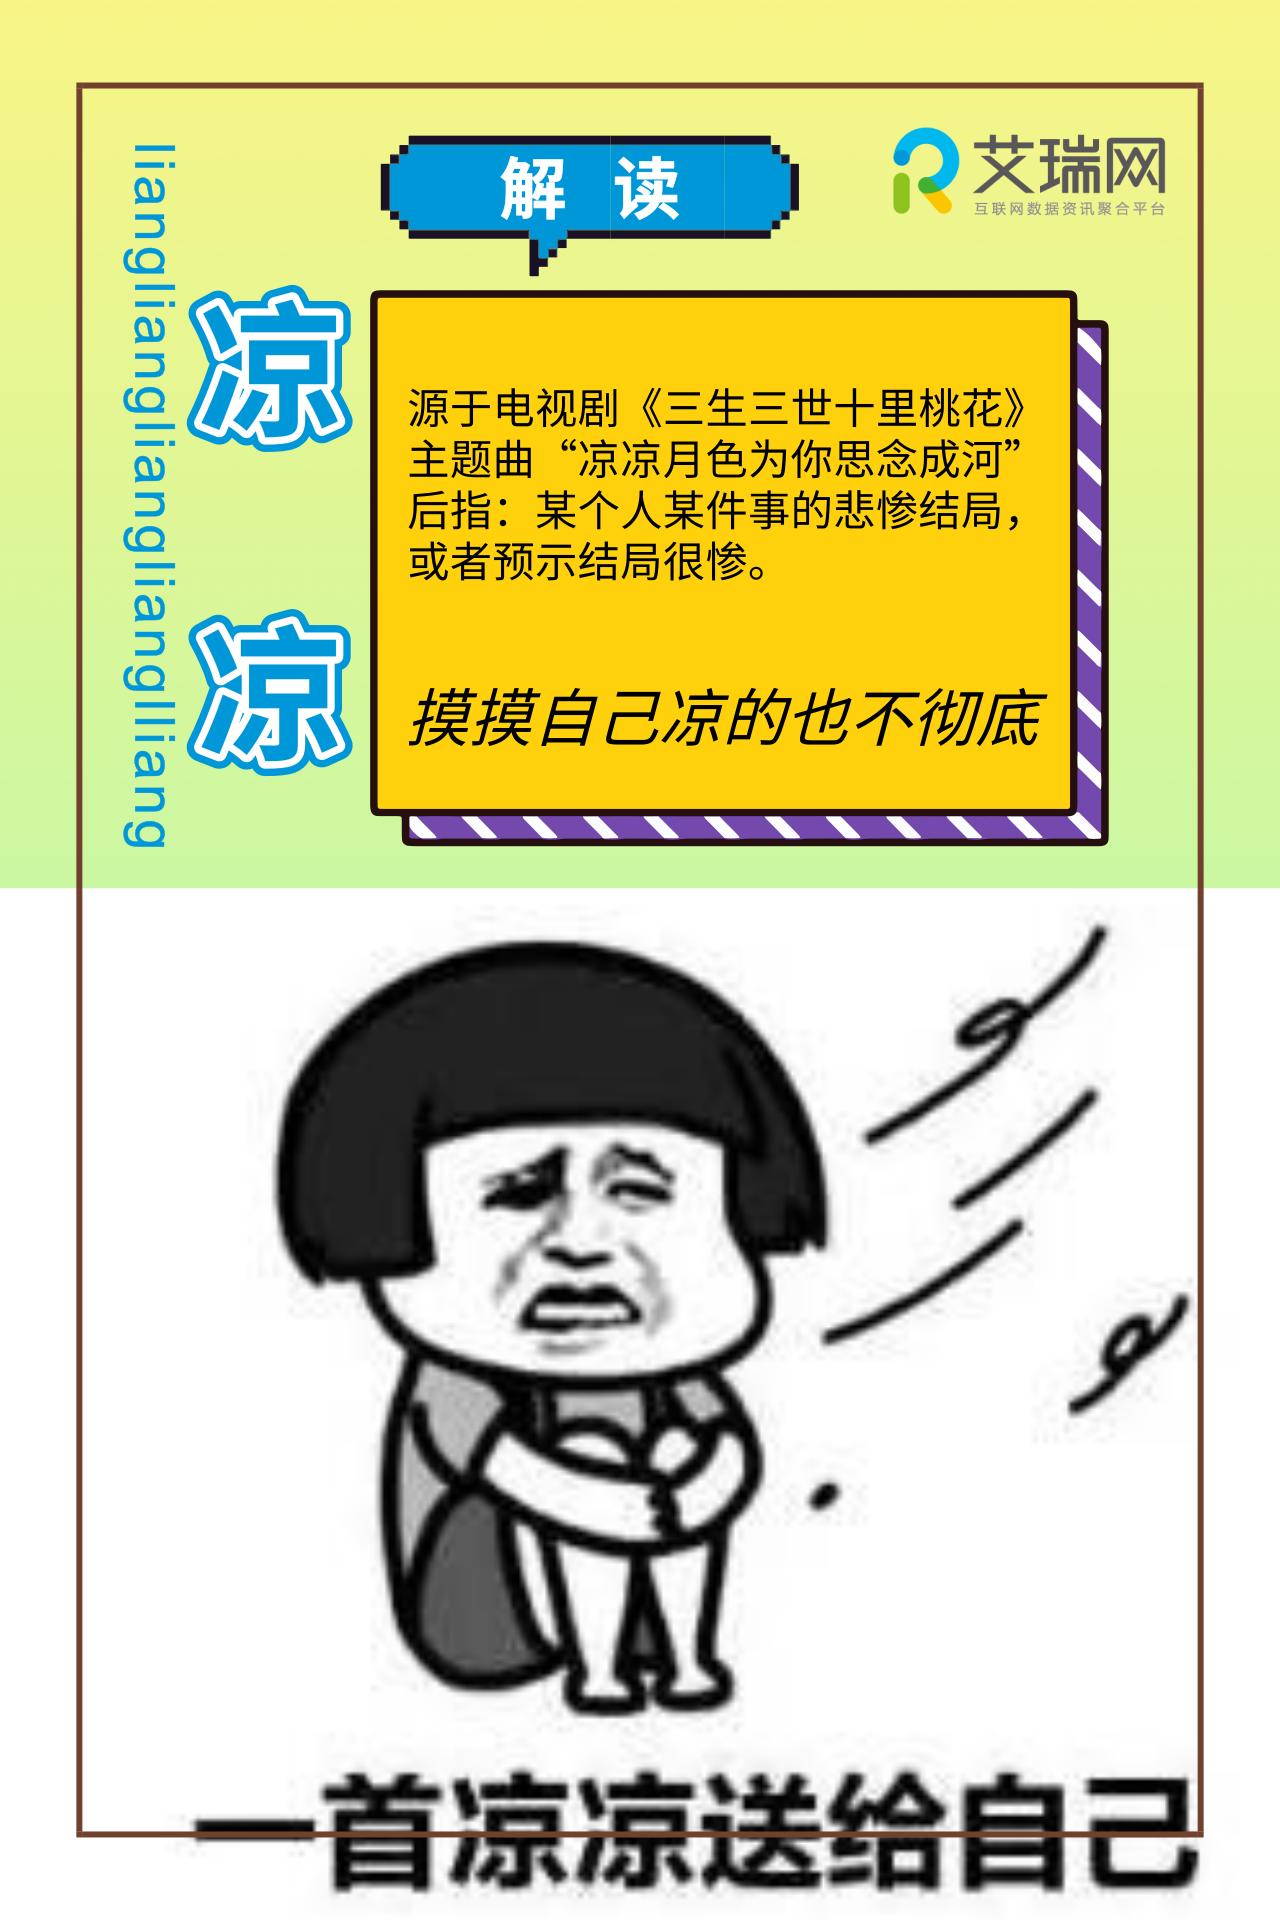 副本_未命名_公众号配图(竖版)_2018.12.04 (5).png